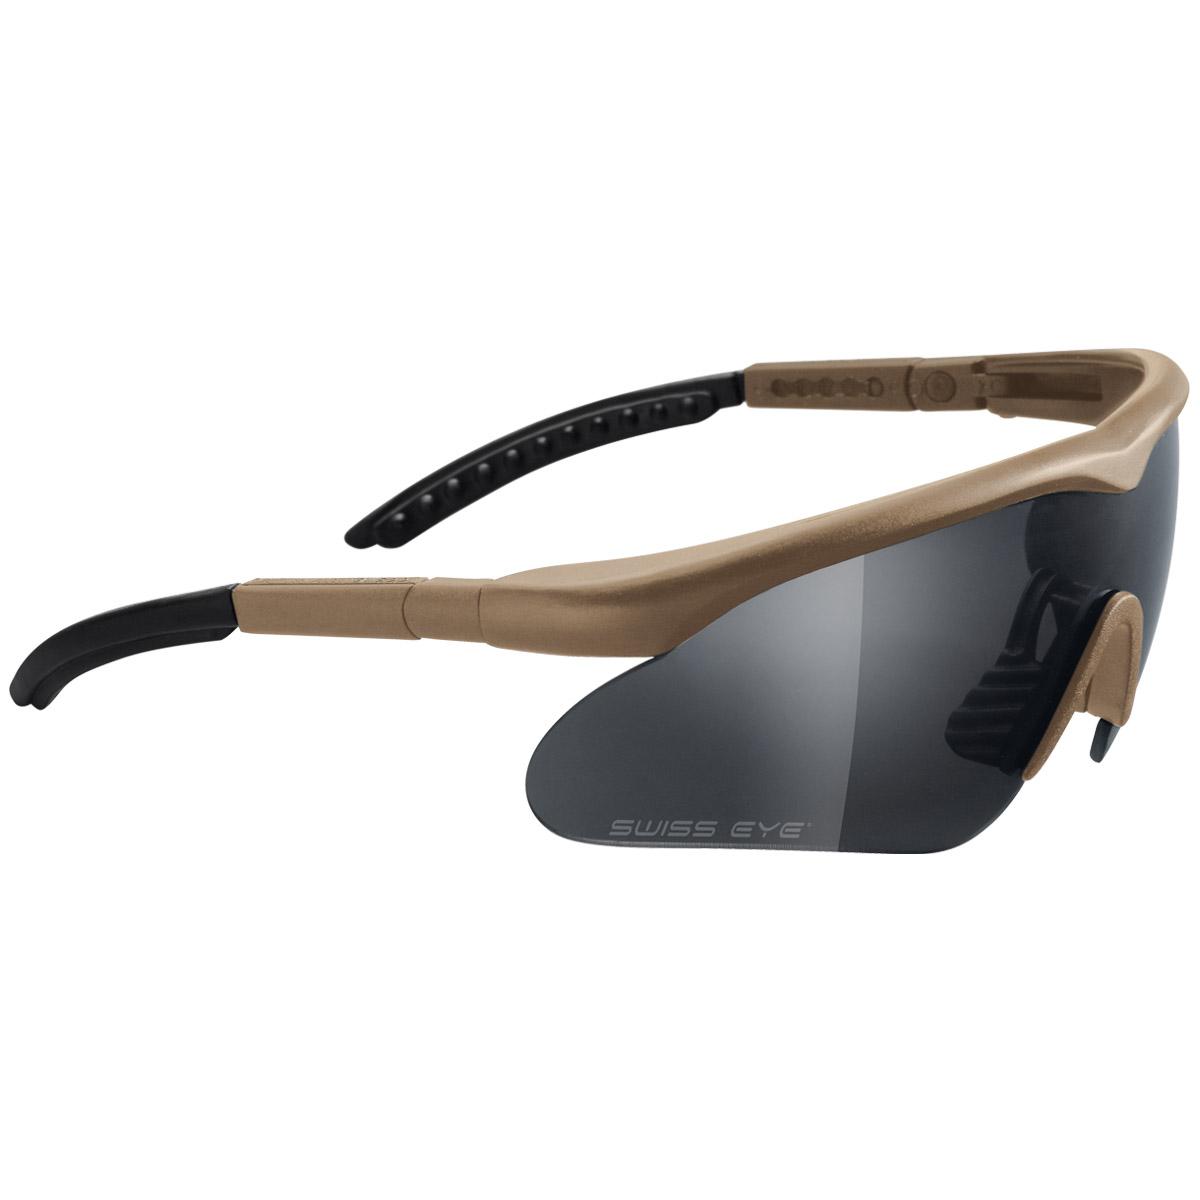 Coyote Sunglasses  swiss eye raptor glasses coyote frame ballistic glasses